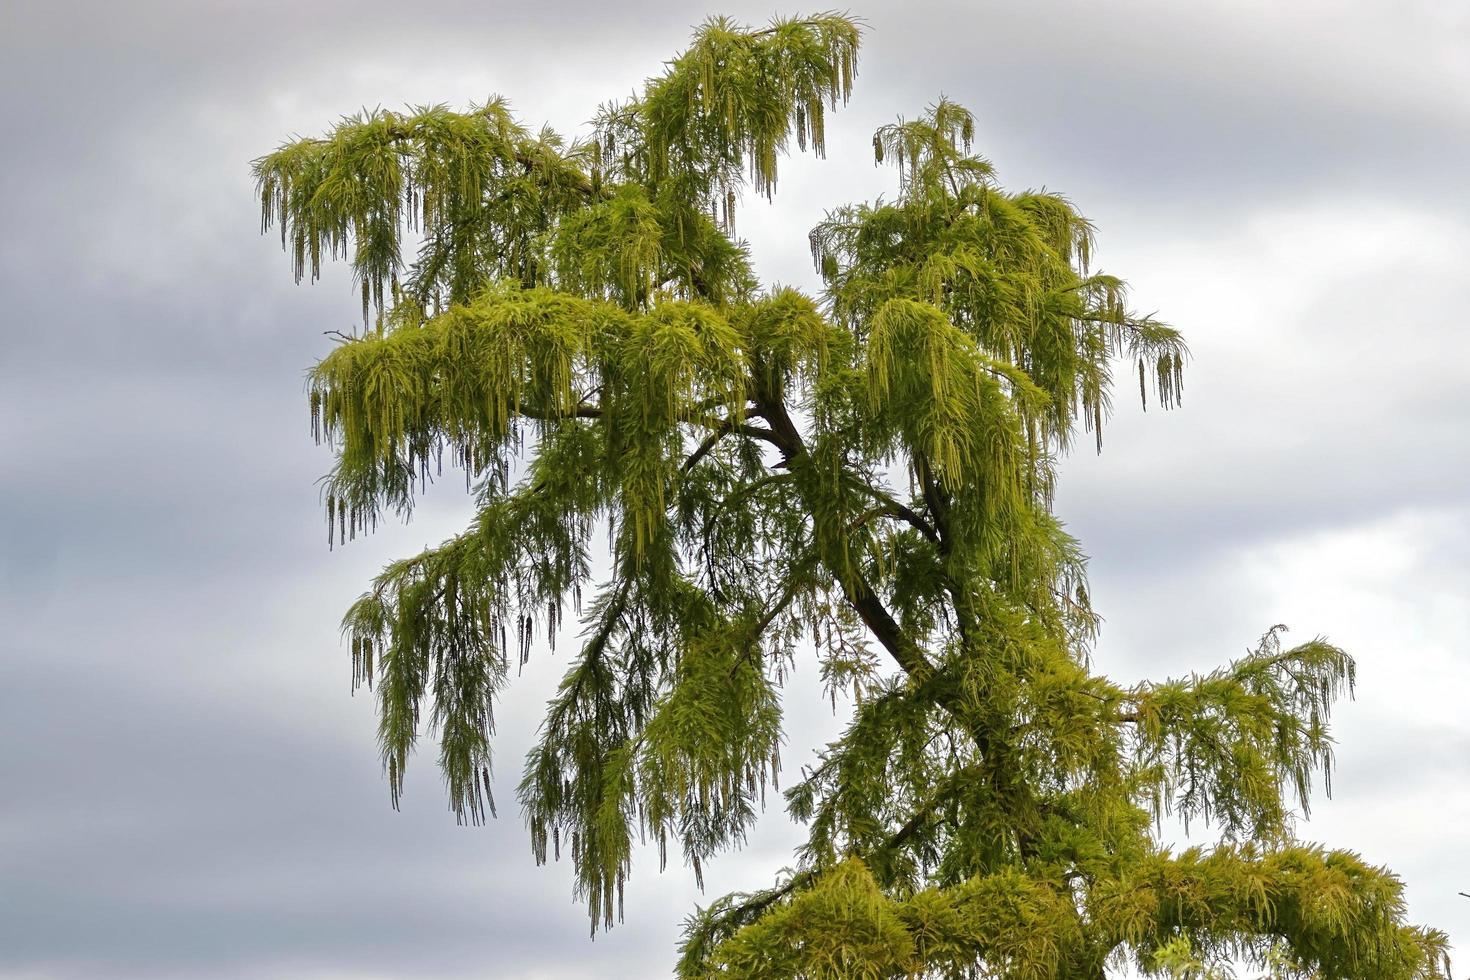 naaldboom top met groene bladeren en hangende vruchten op bewolkte hemelachtergrond foto